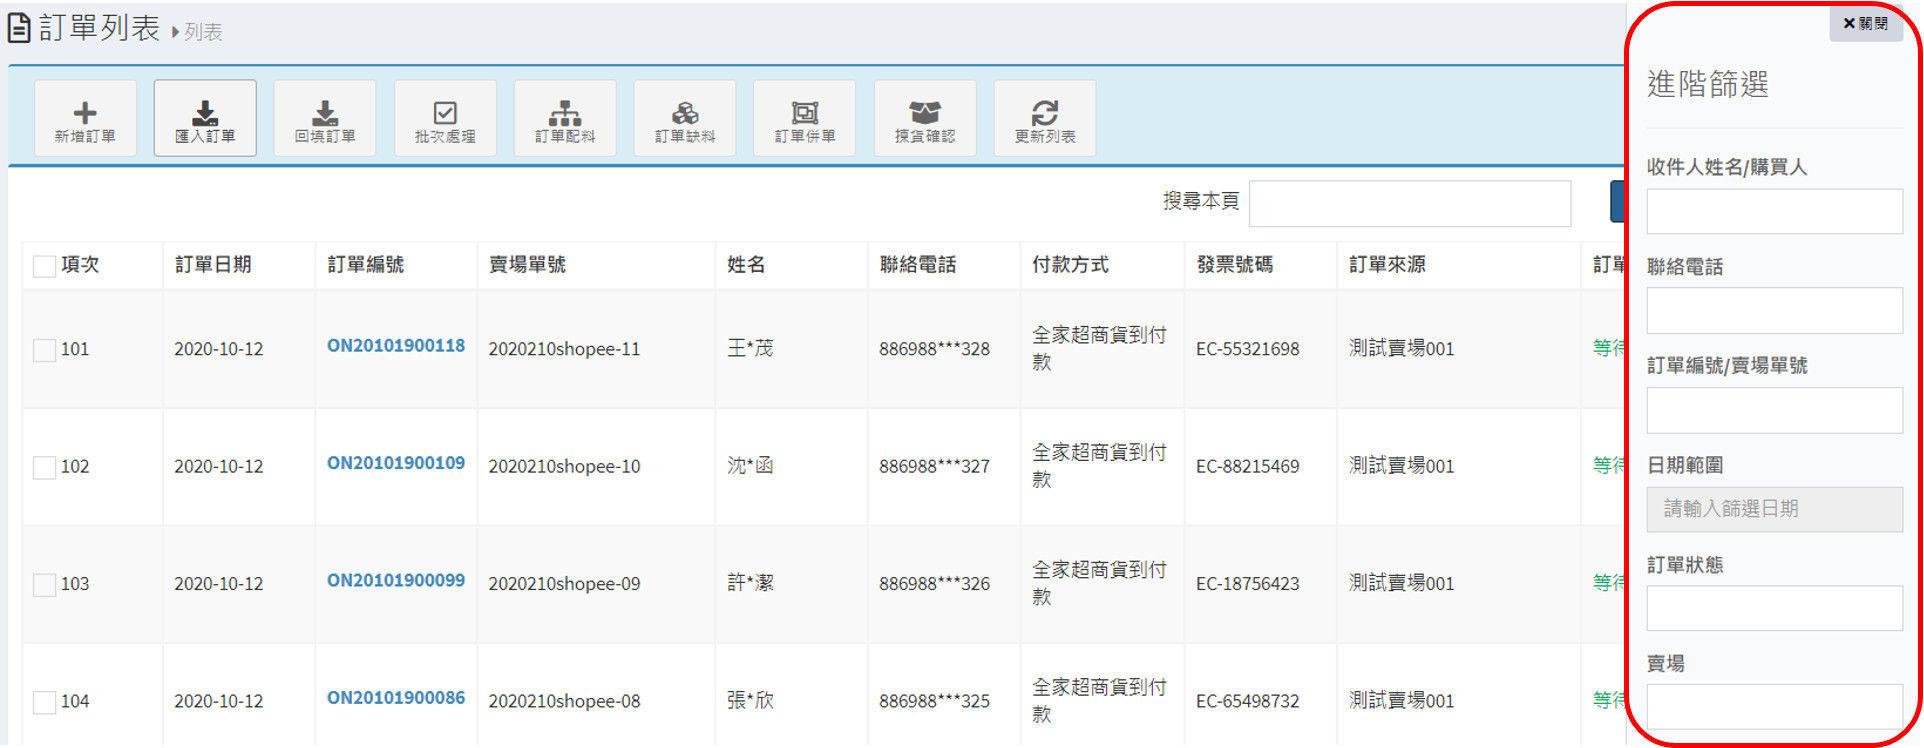 多平台訂單_11